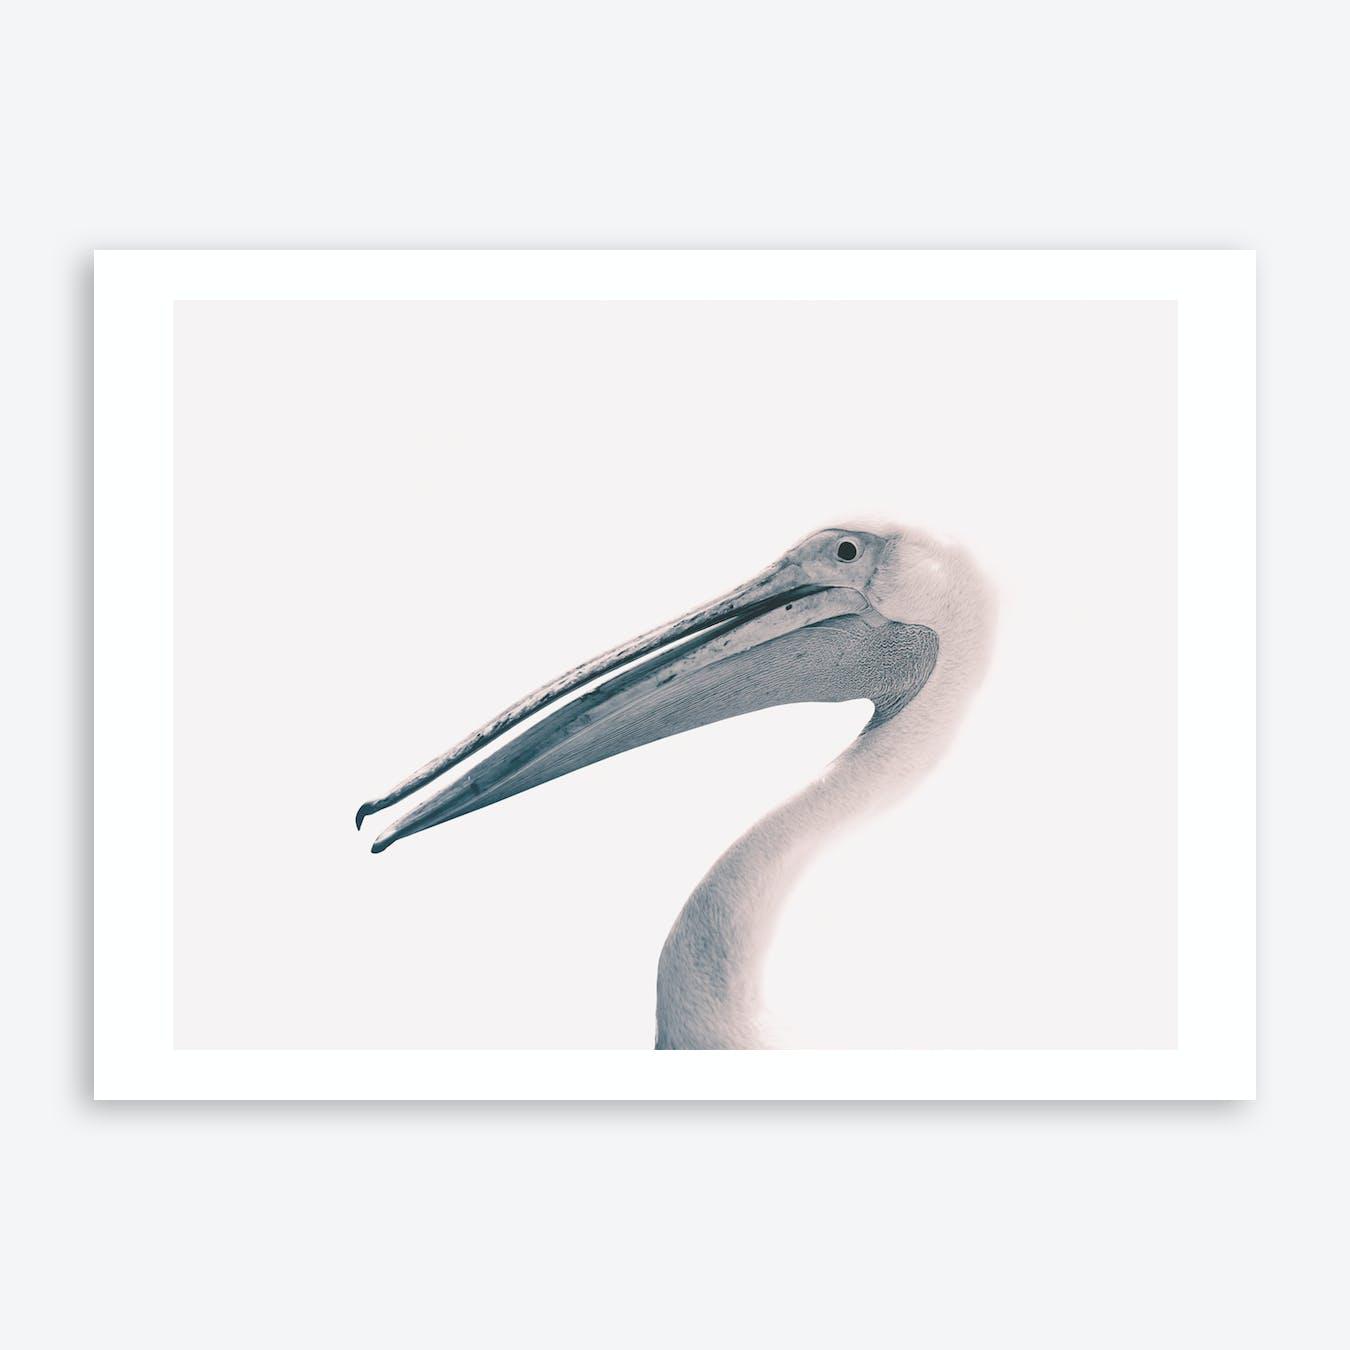 Toned Photograph Of A Pelican Art Print